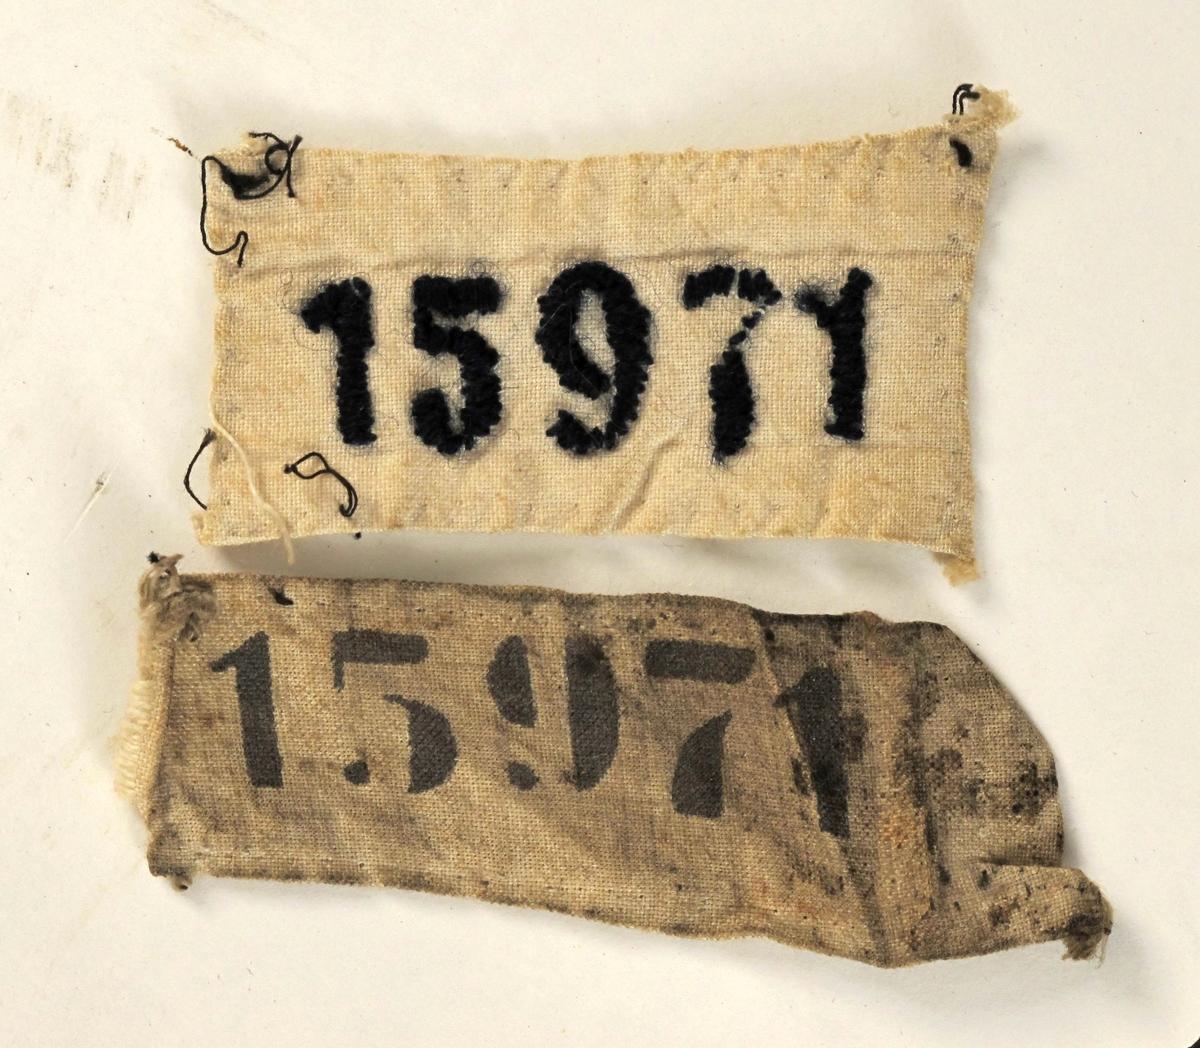 Rektangulært tøystykke med påmalt fangenummer 15971